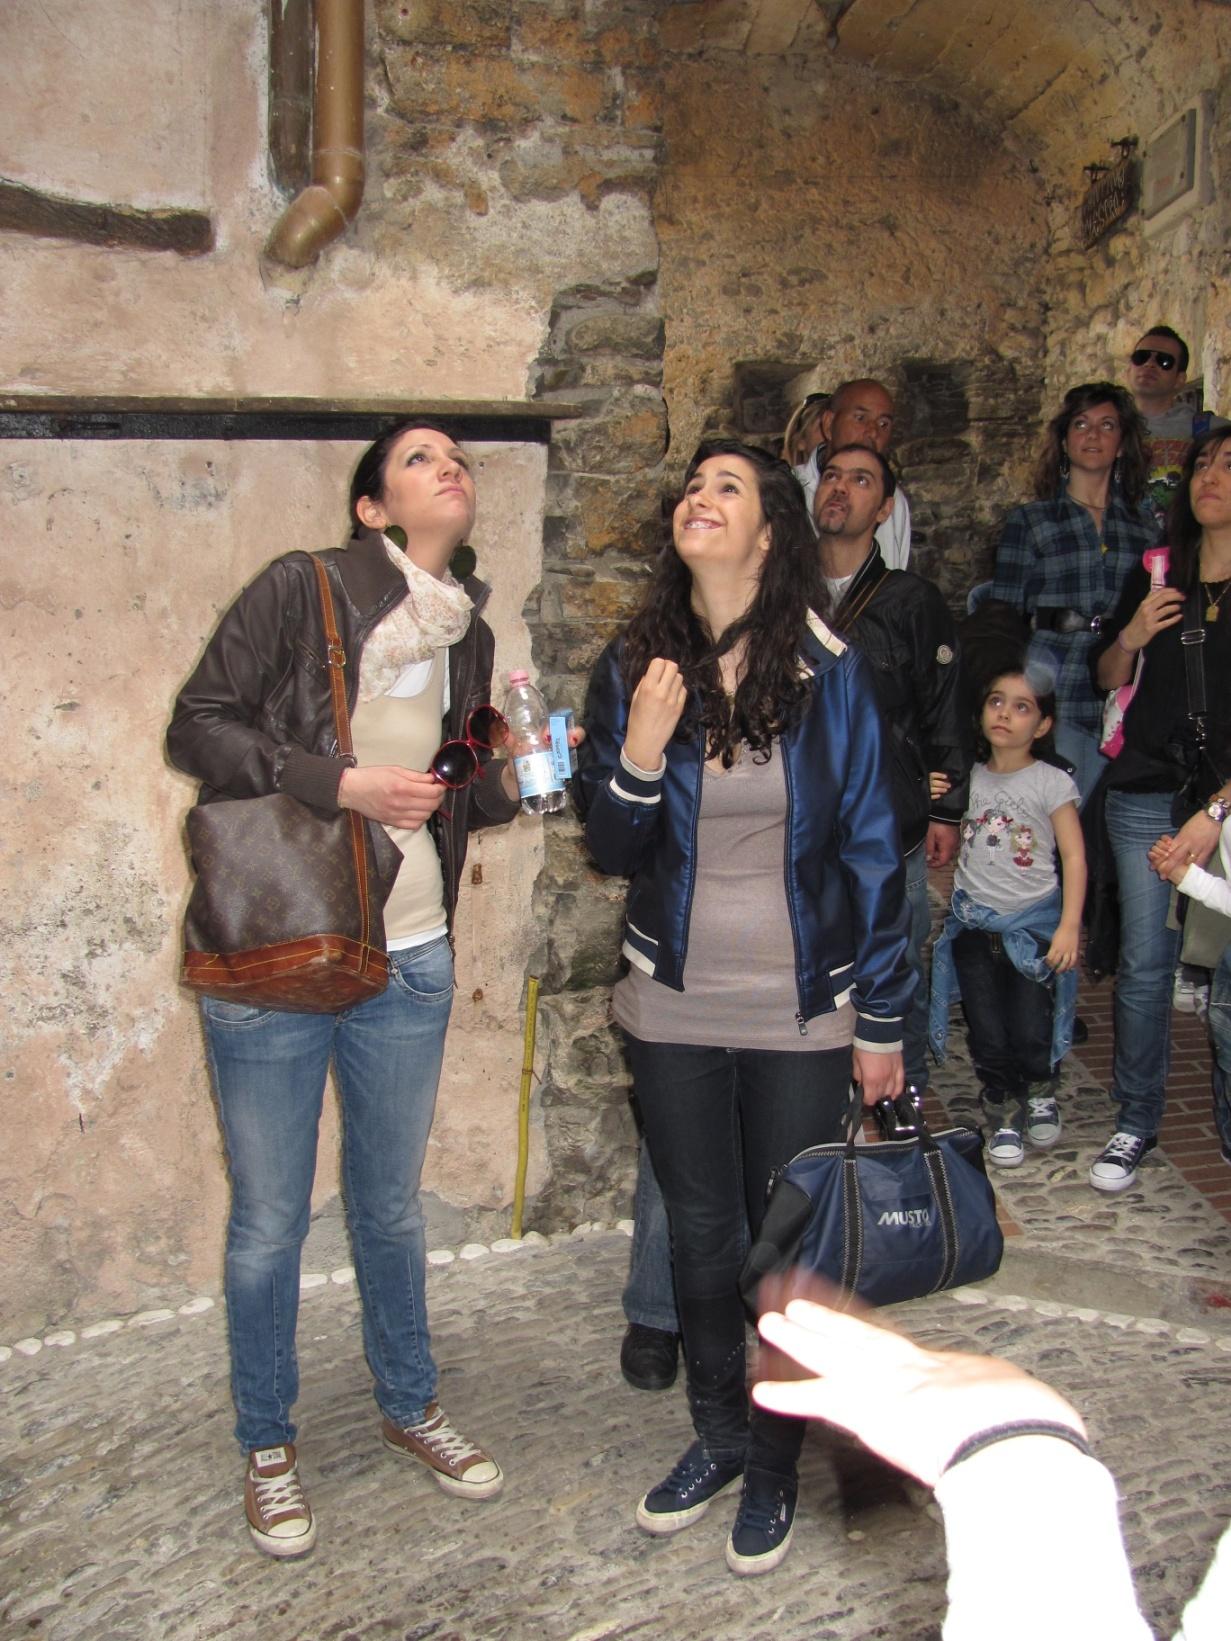 pasquetta_dolceacqua-2011-04-25-11-41-45